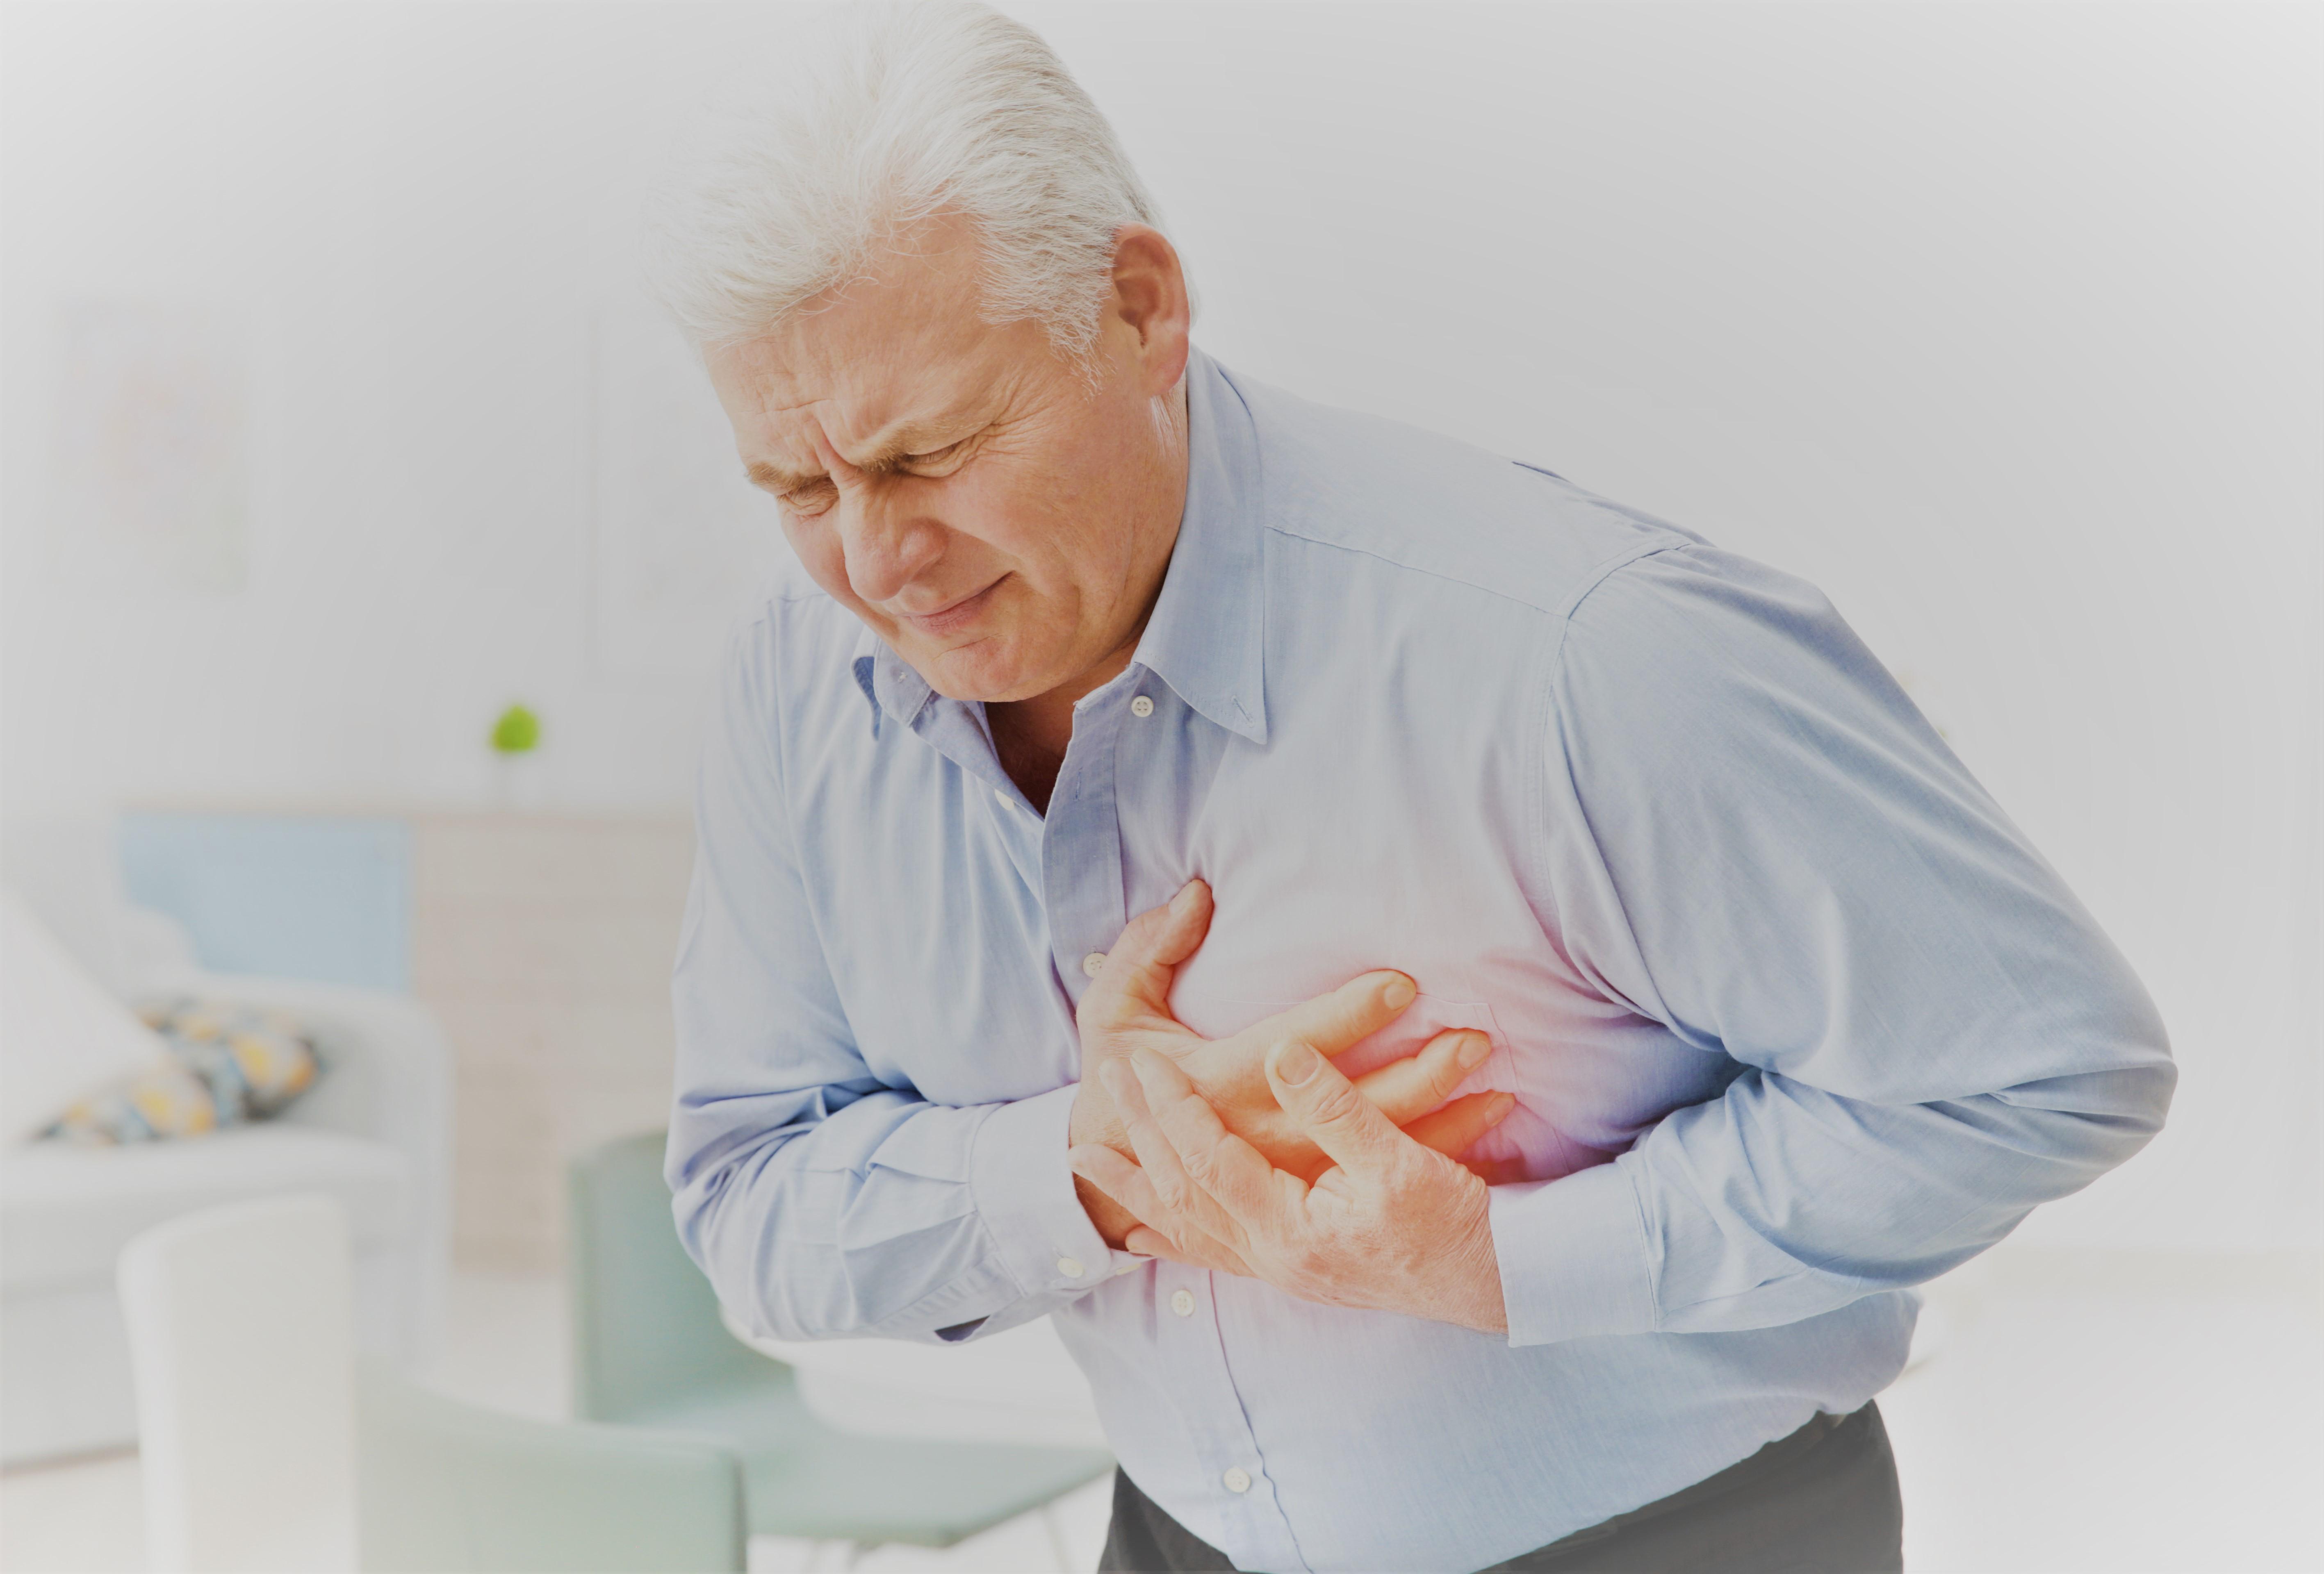 fájdalom a kar vállízülete alatt lapos láb fájdalom a térdben